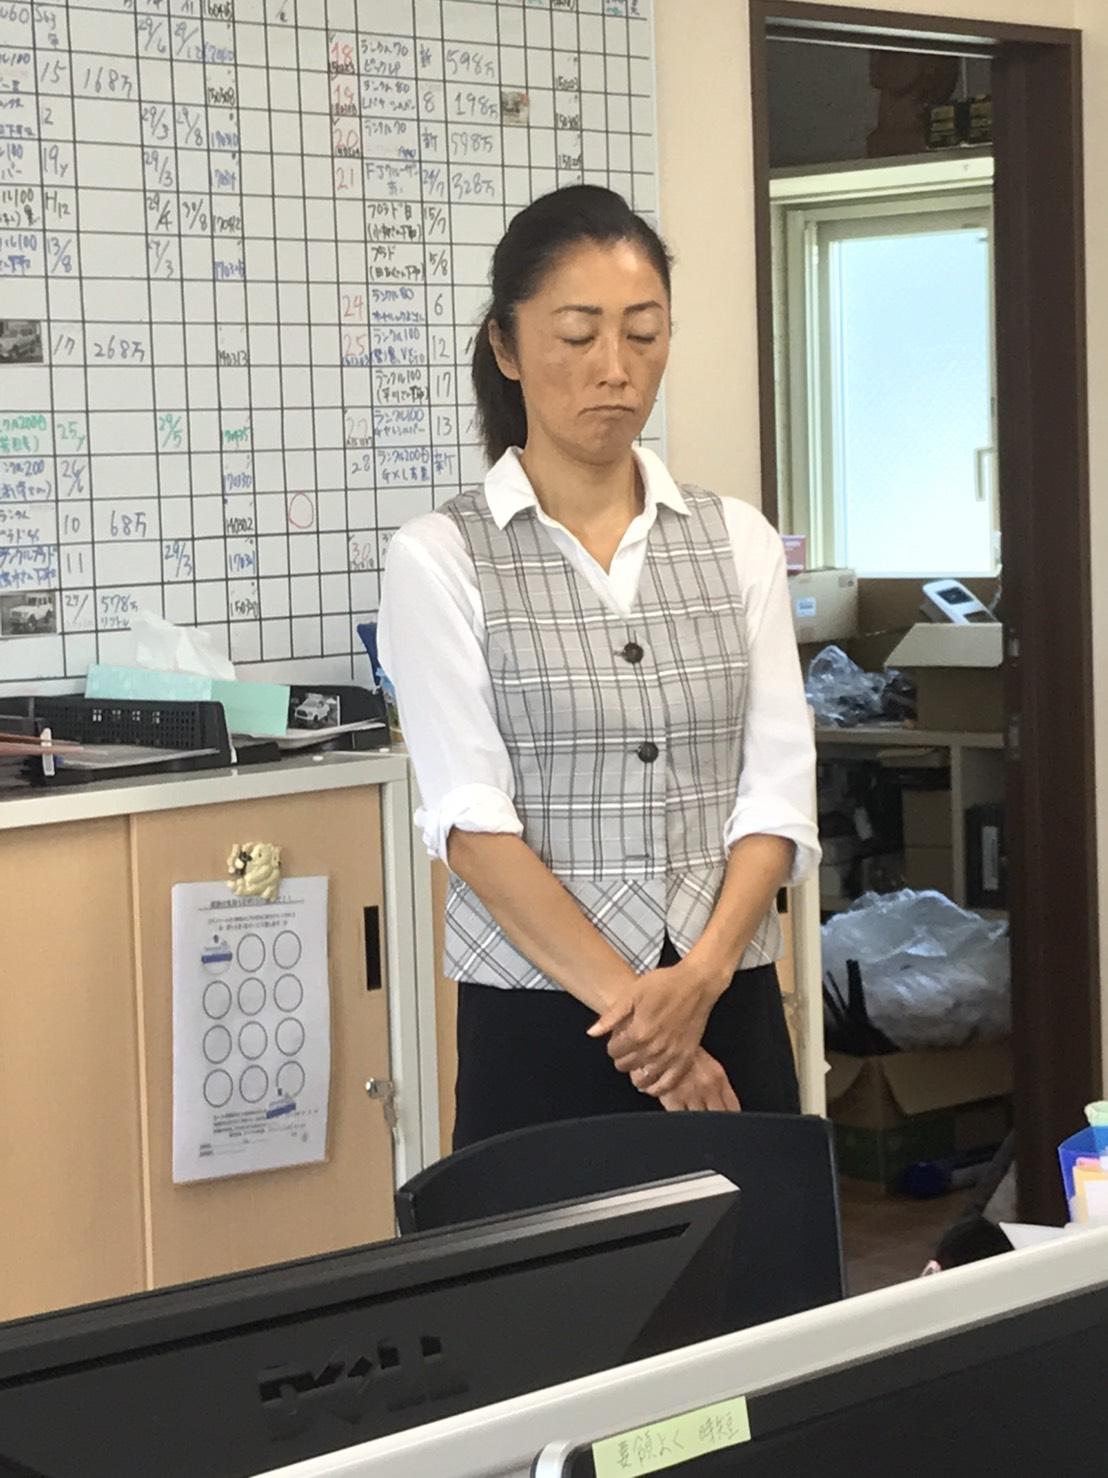 9月5日 火曜日のひとログヽ( 'ω' )ノ 本日CH-Rご納車♬レンタカー絶賛ご予約受付中♬_b0127002_1705311.jpg